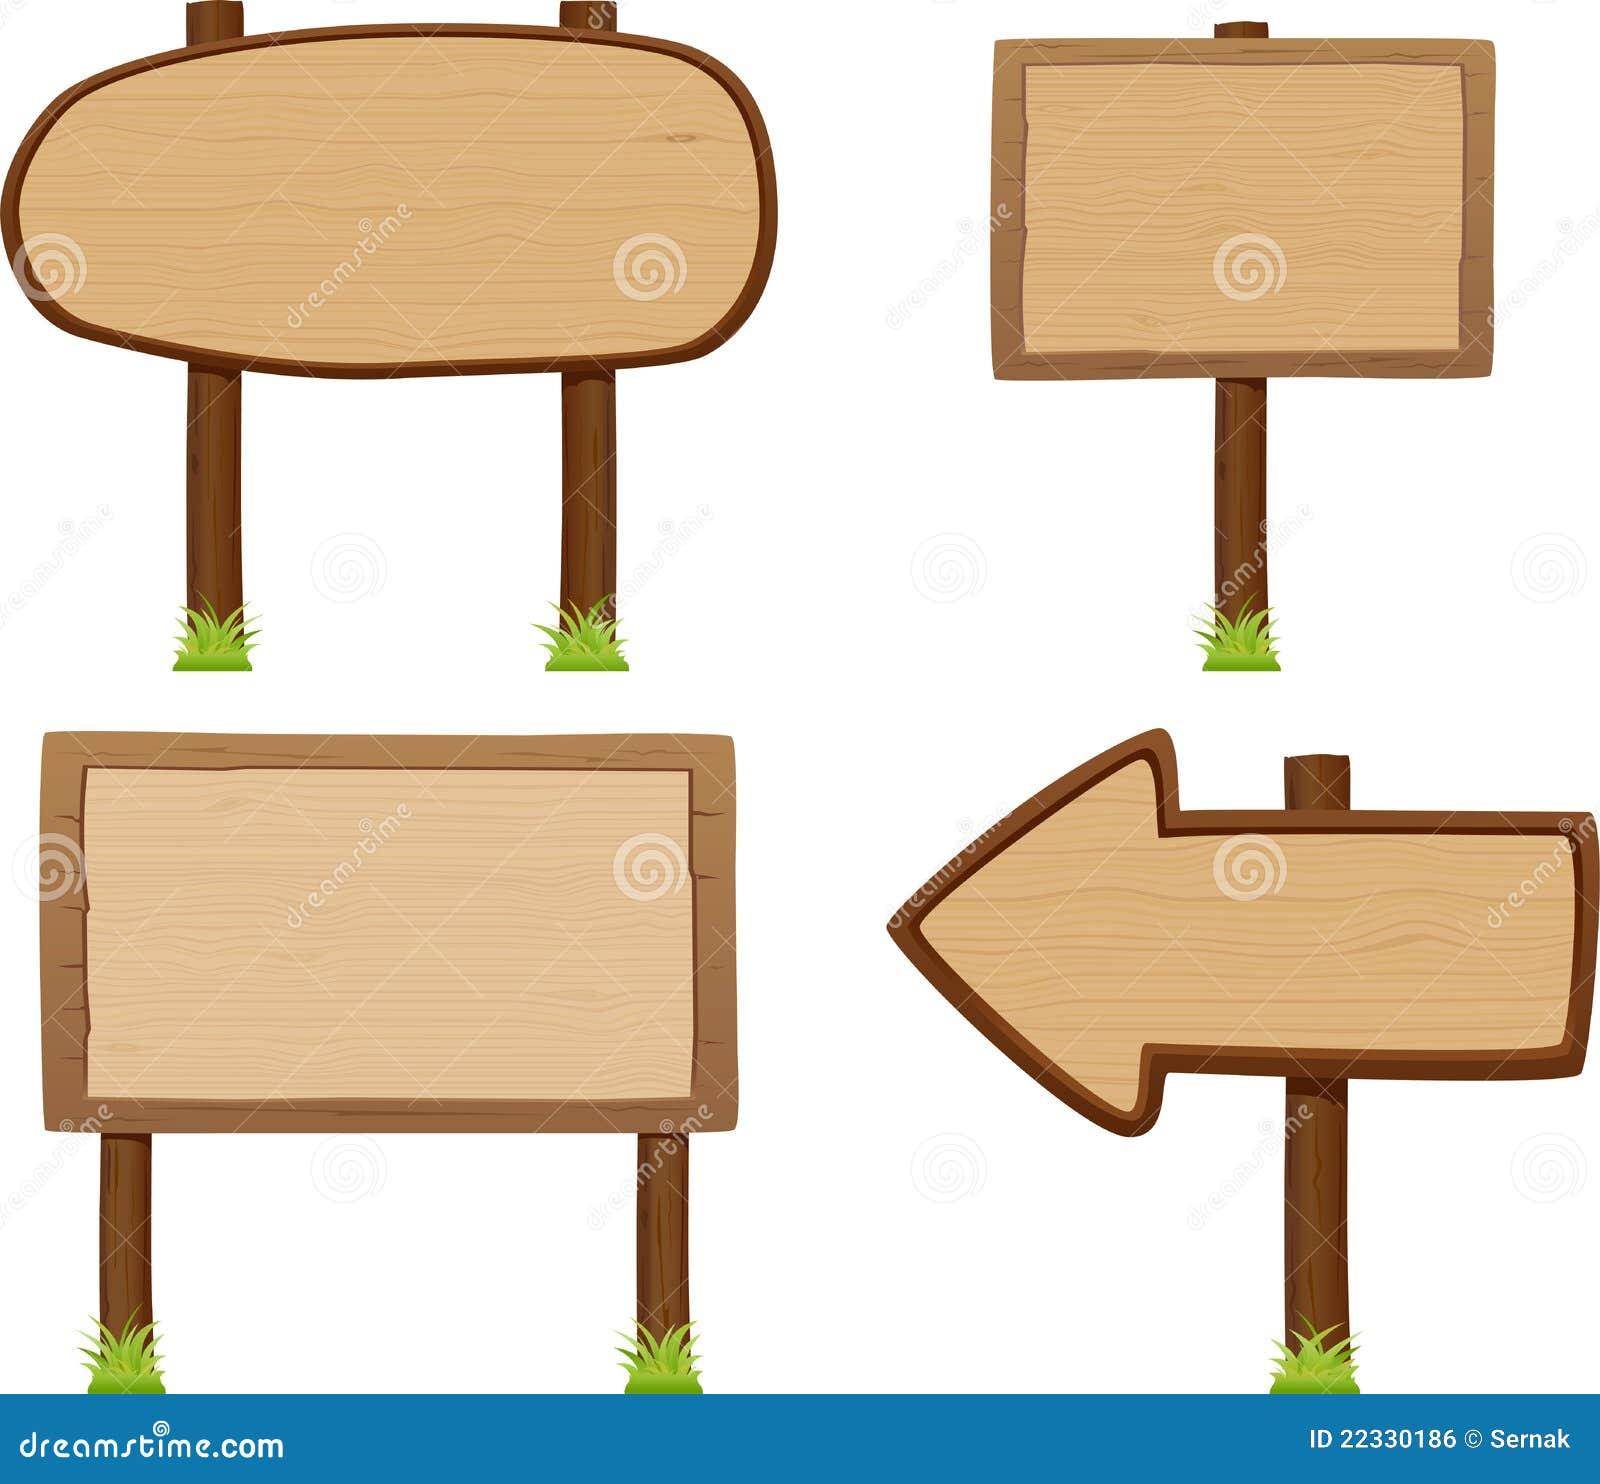 Positionnement En Bois De Panneau Indicateur Image libre de droits Image 22330186 # Panneau Indicateur Bois